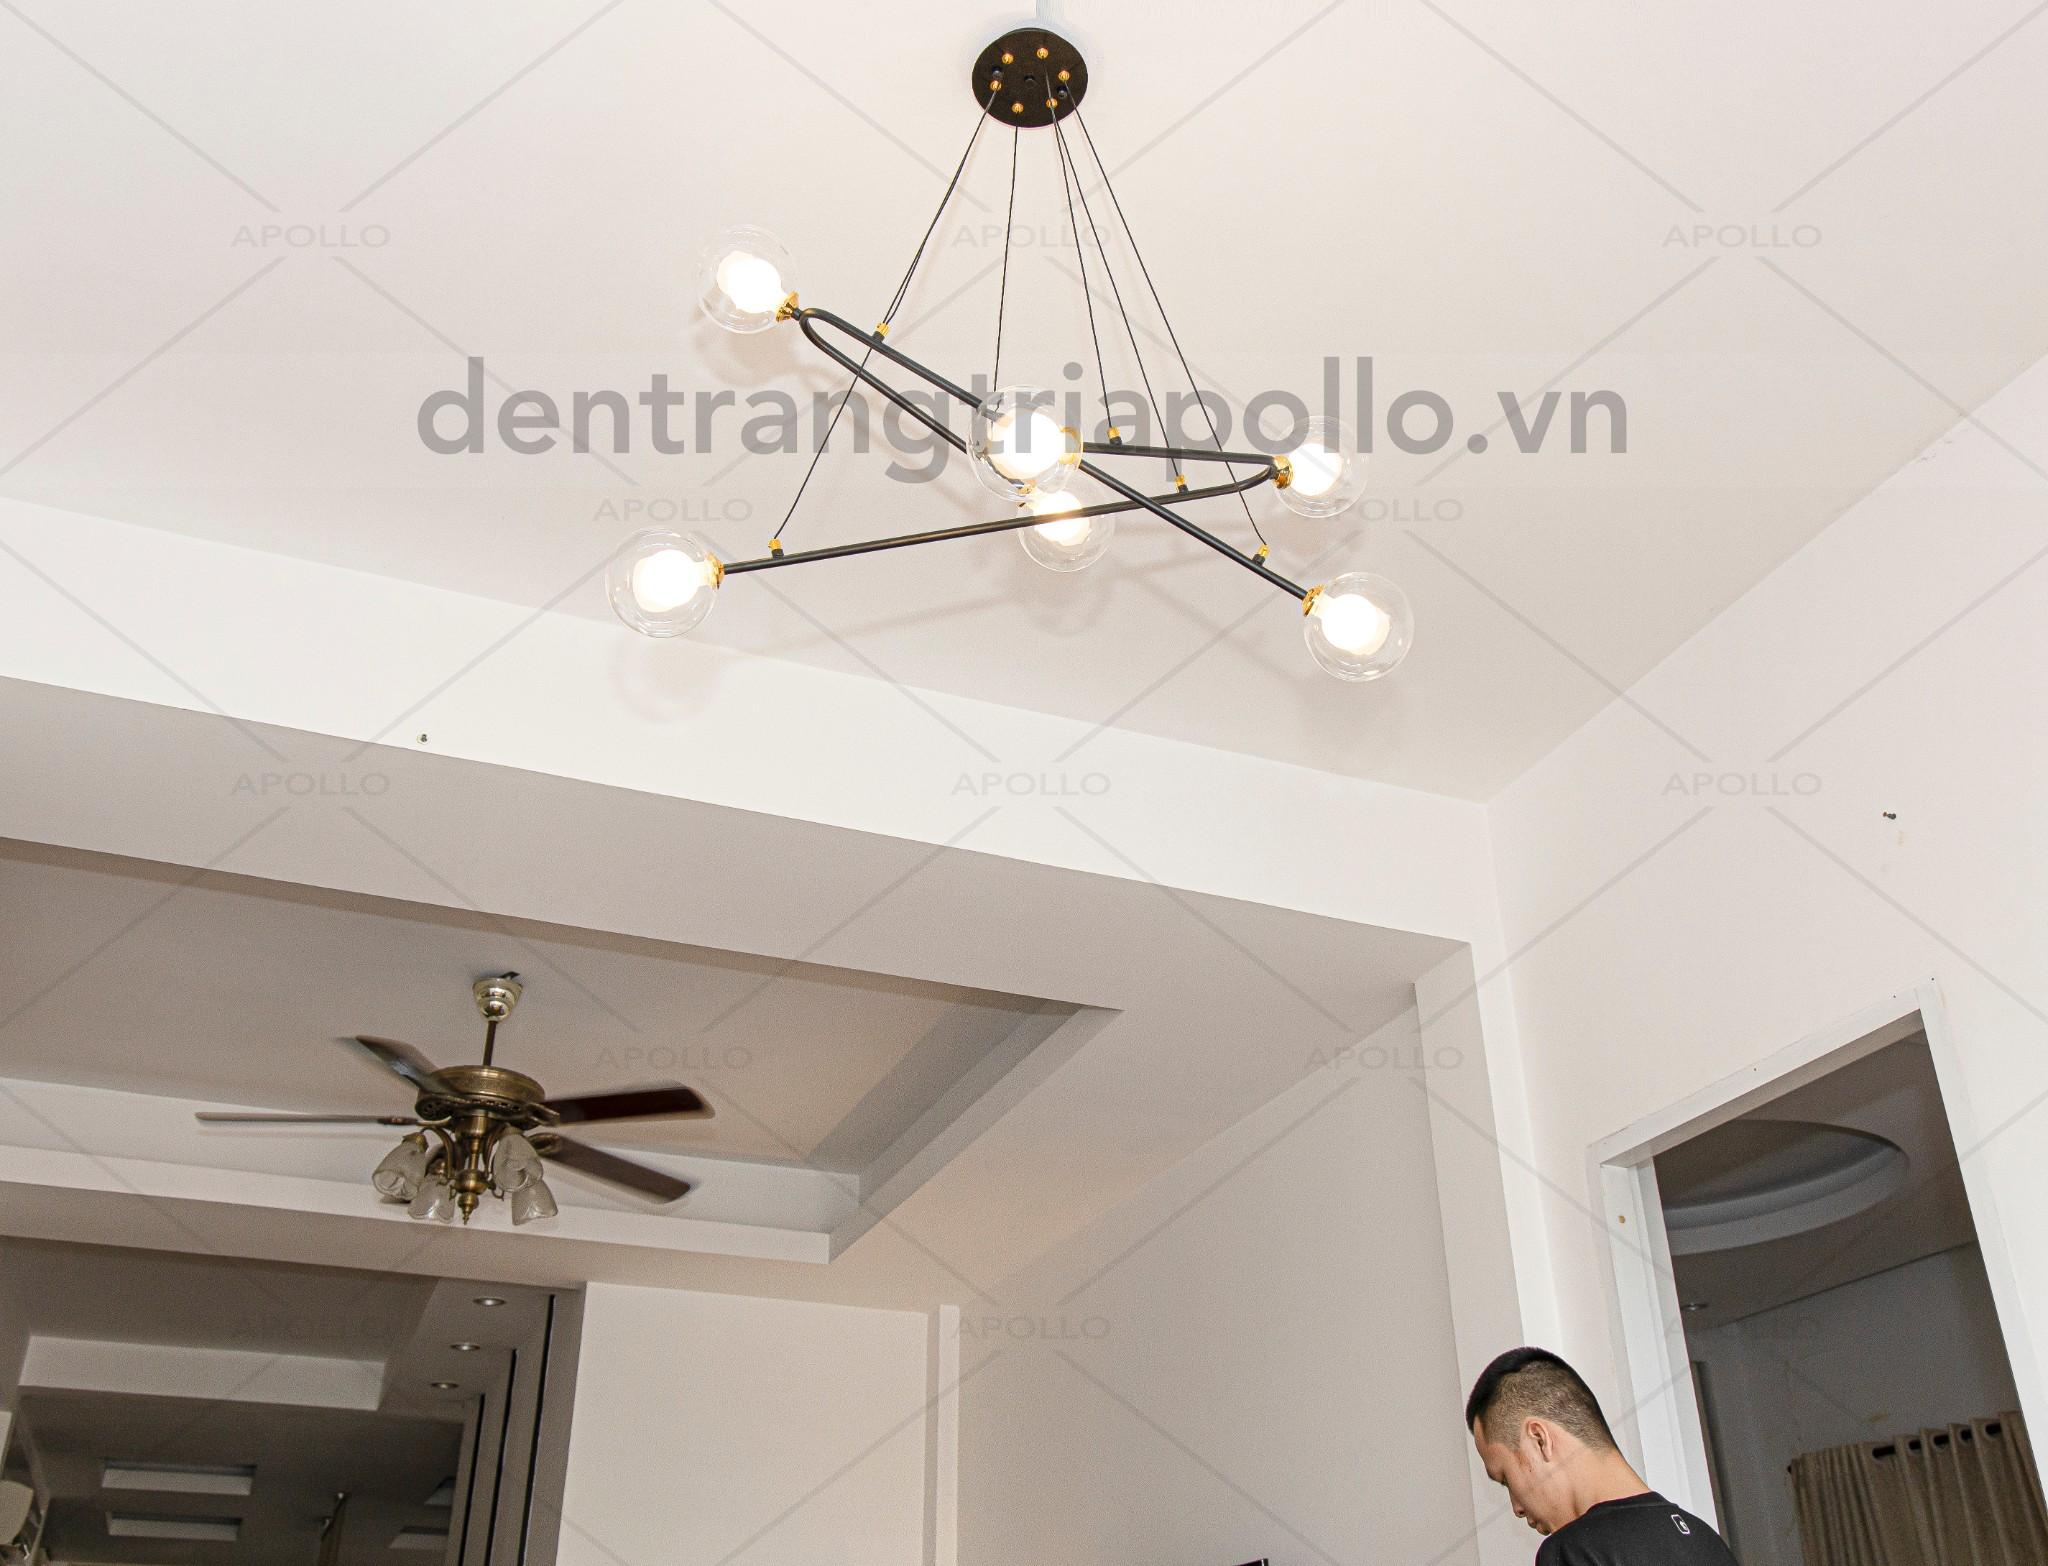 đèn chùm decor thủy tinh trang trí phòng khách